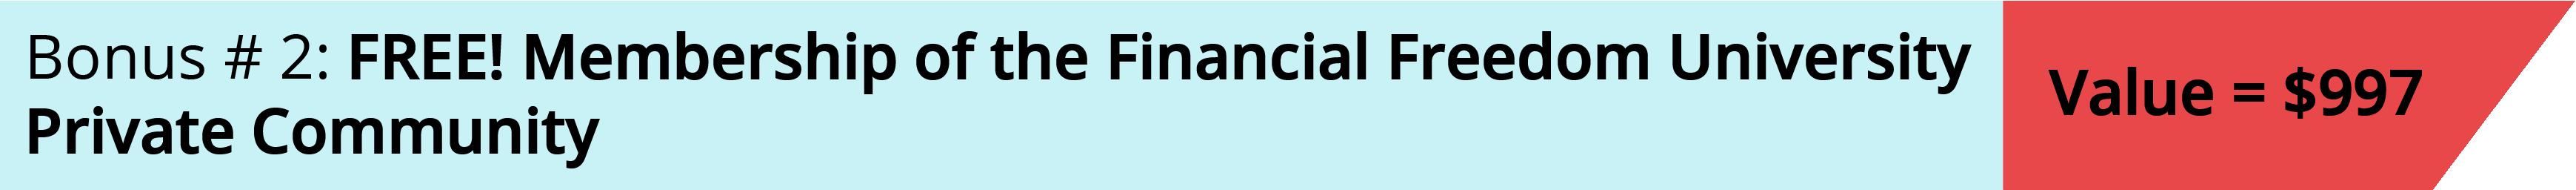 FFU July 2018 Registration with delay – Financial Freedom University